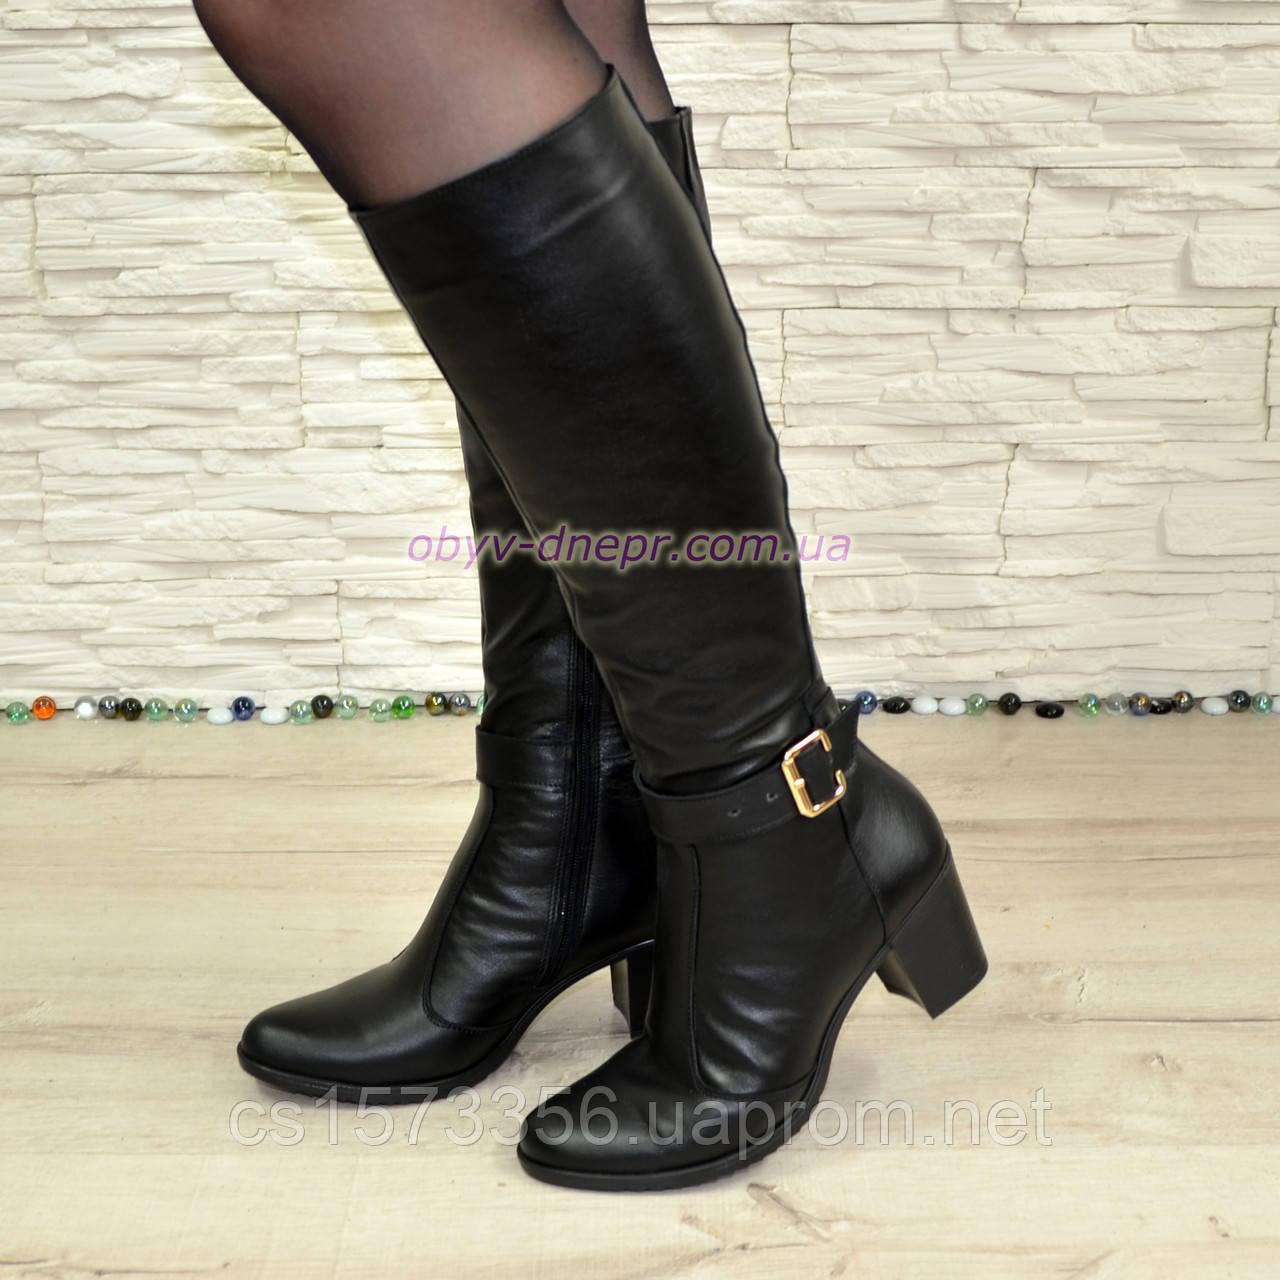 Сапоги женские кожаные, устойчивый каблук. Батал